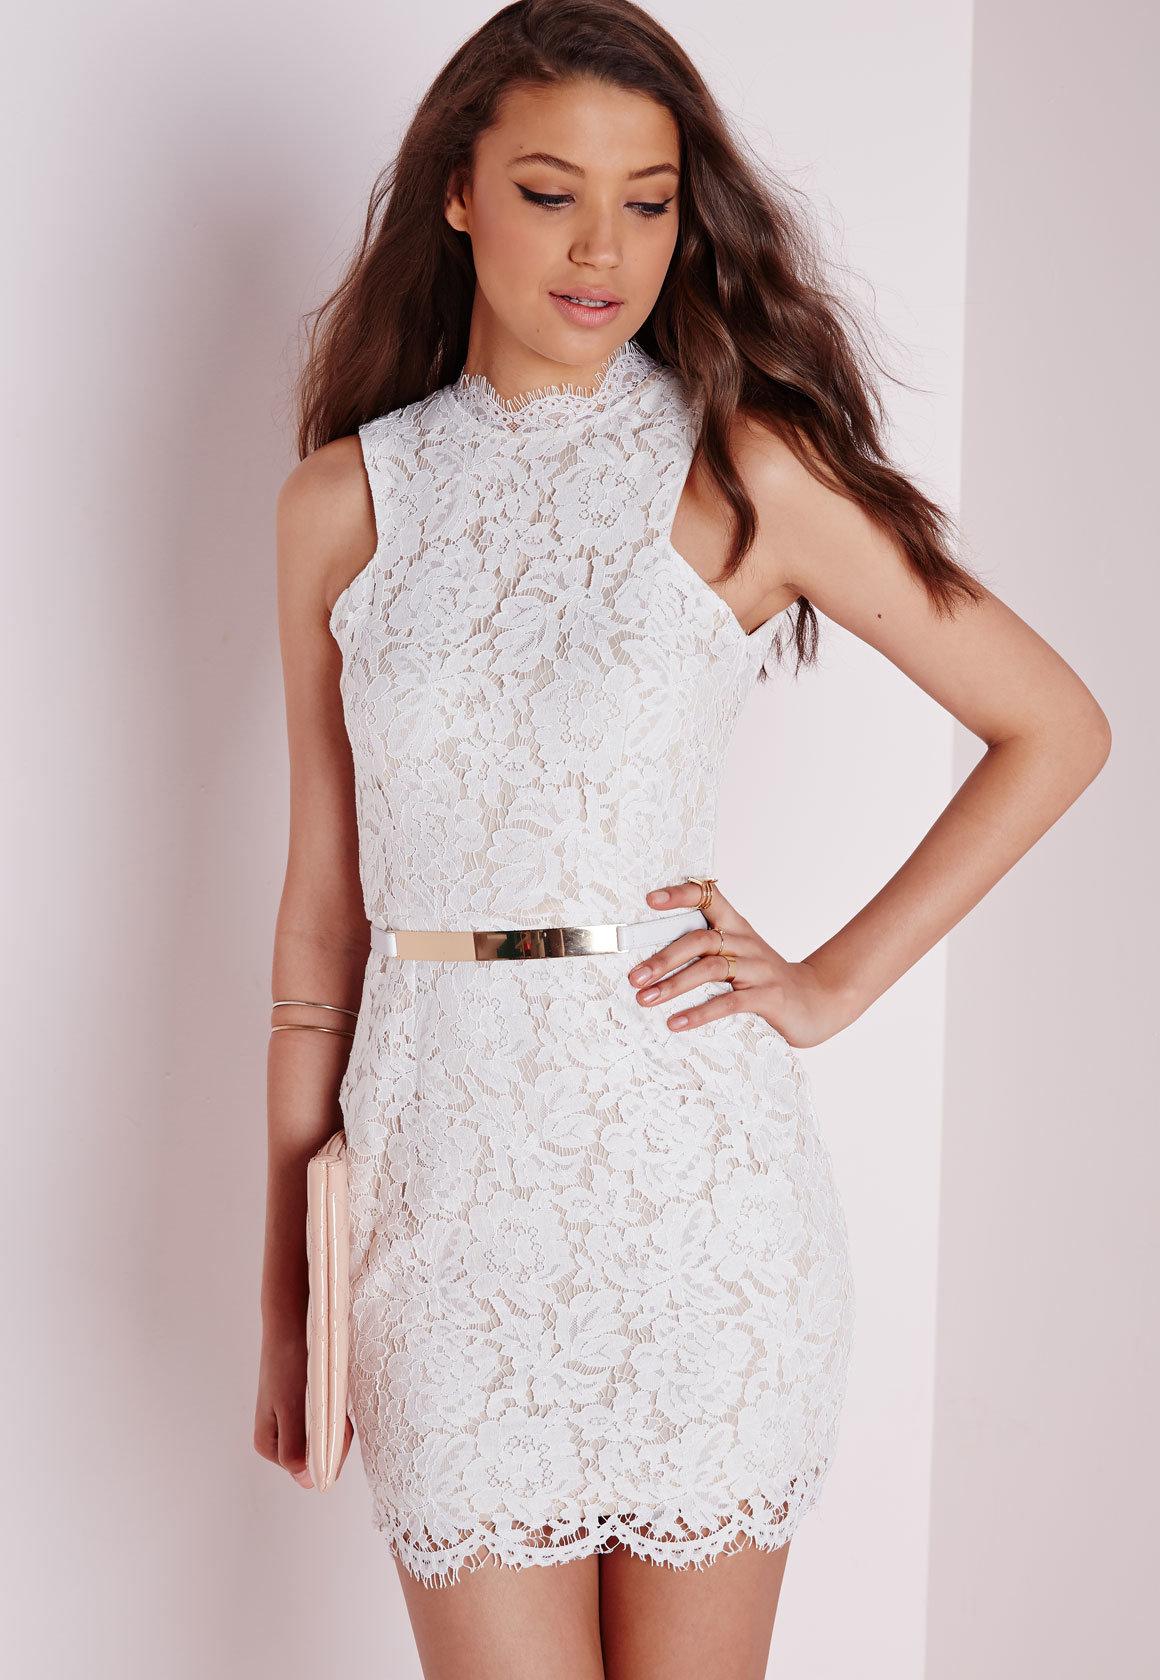 так белое платье с кружевами в картинках образ